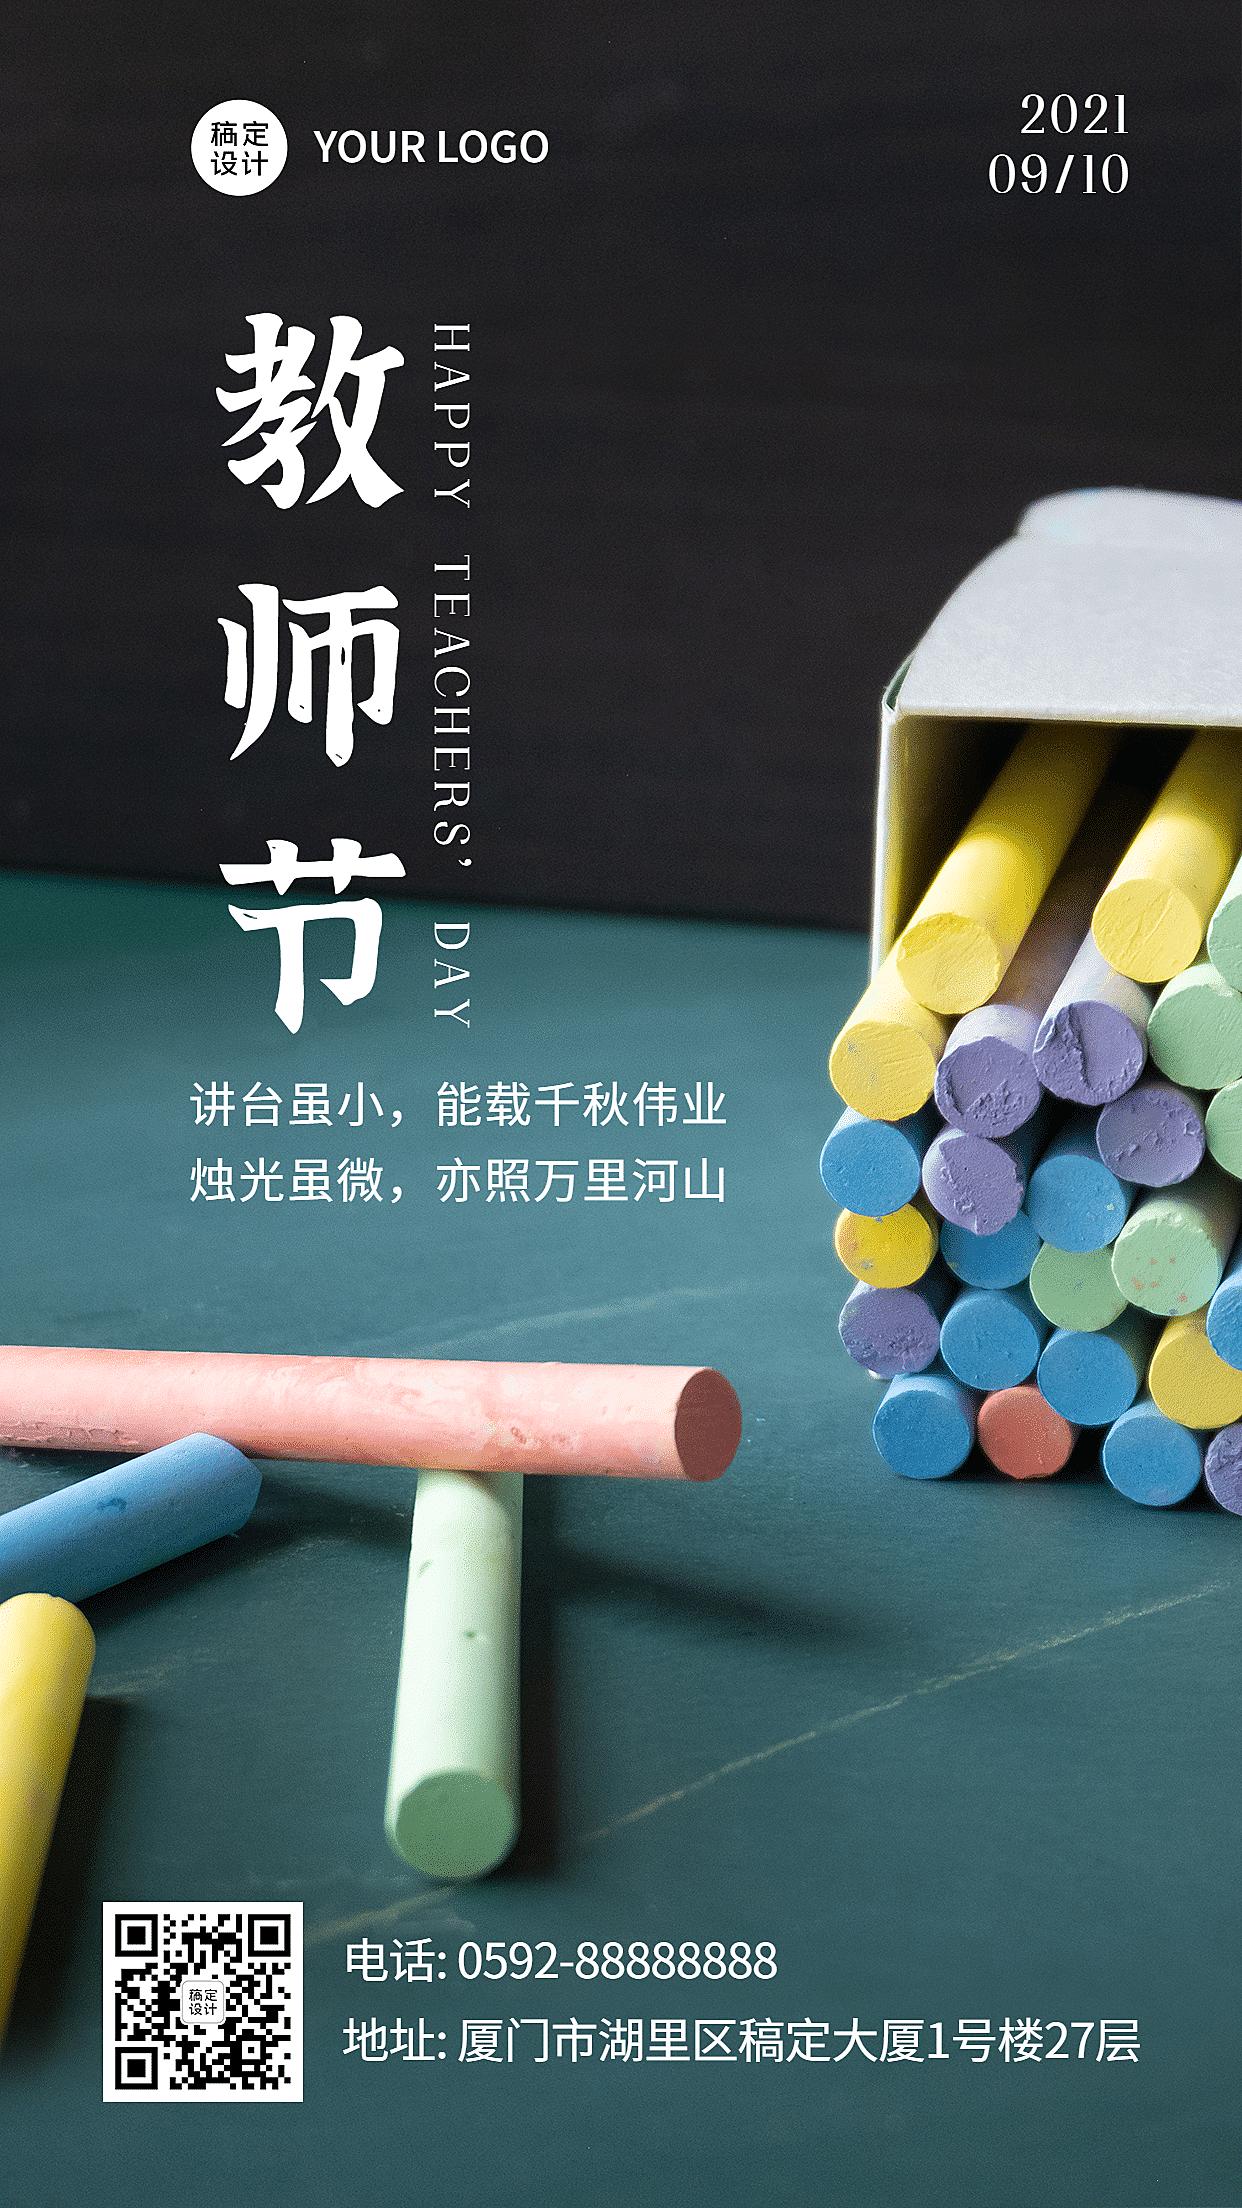 教师节祝福粉笔实景合成手机海报